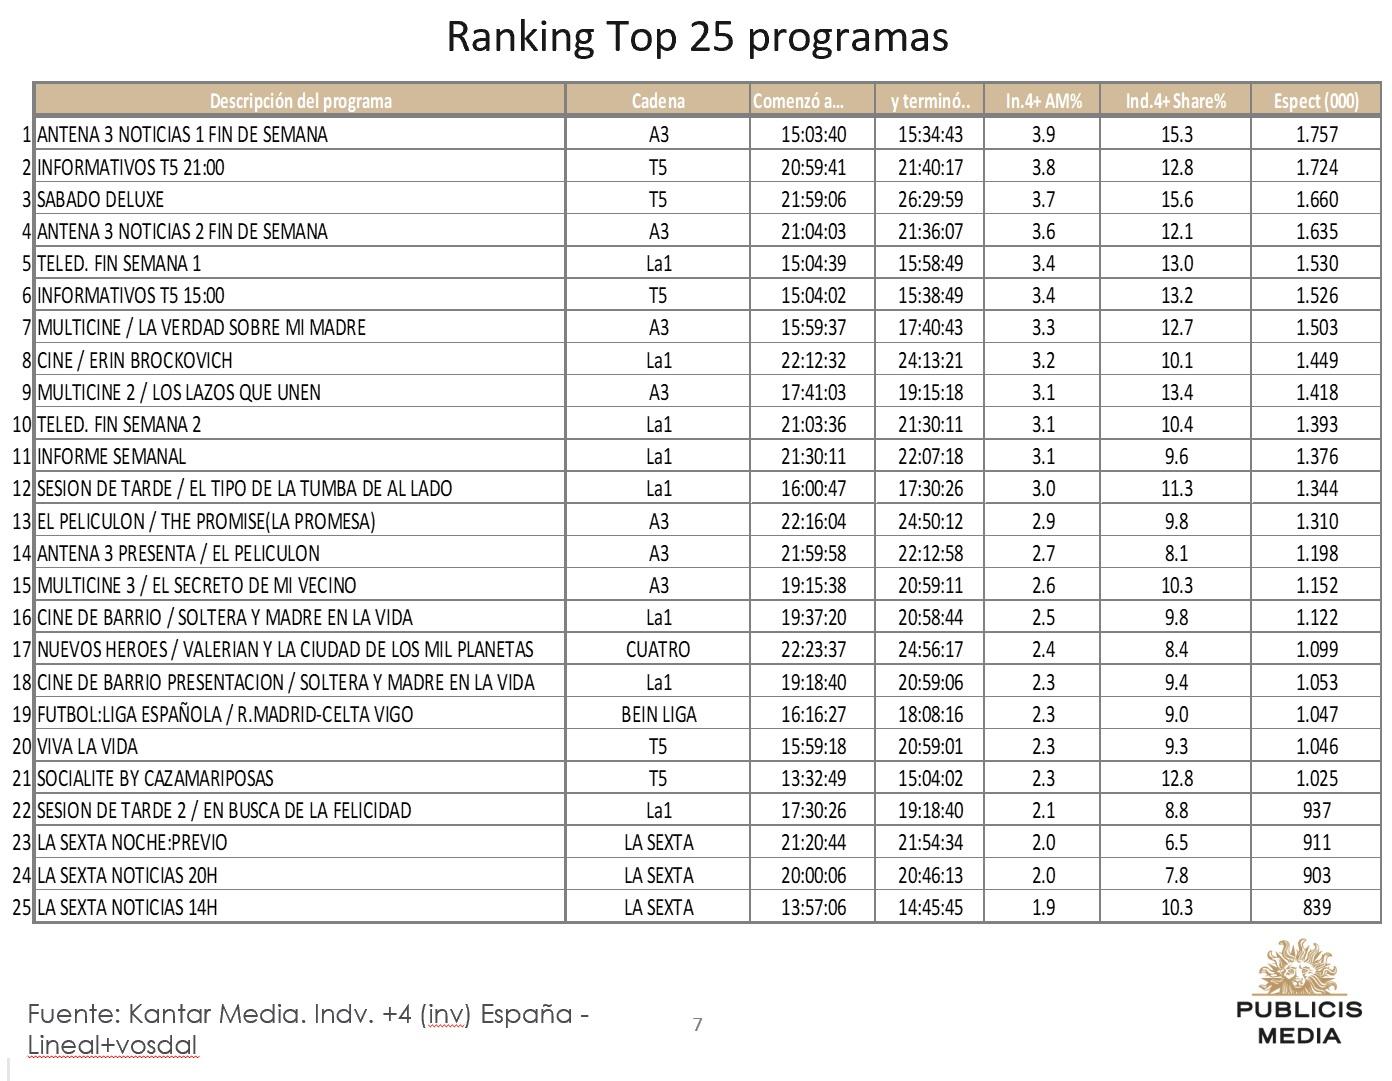 https://www.programapublicidad.com/wp-content/uploads/2019/03/Top-25-Publicis-media-16-marzo-2019-programapublicidad-muy-grande.jpg